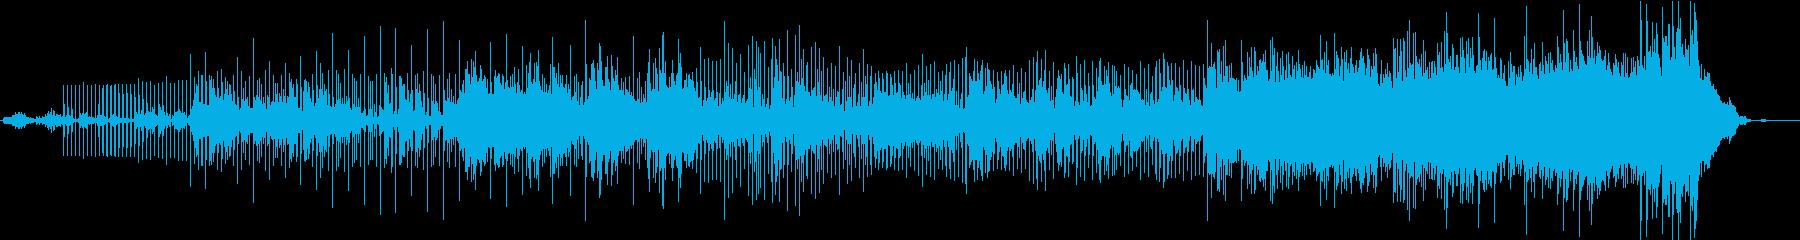 混沌とした、緊迫感あるビートサウンドの再生済みの波形